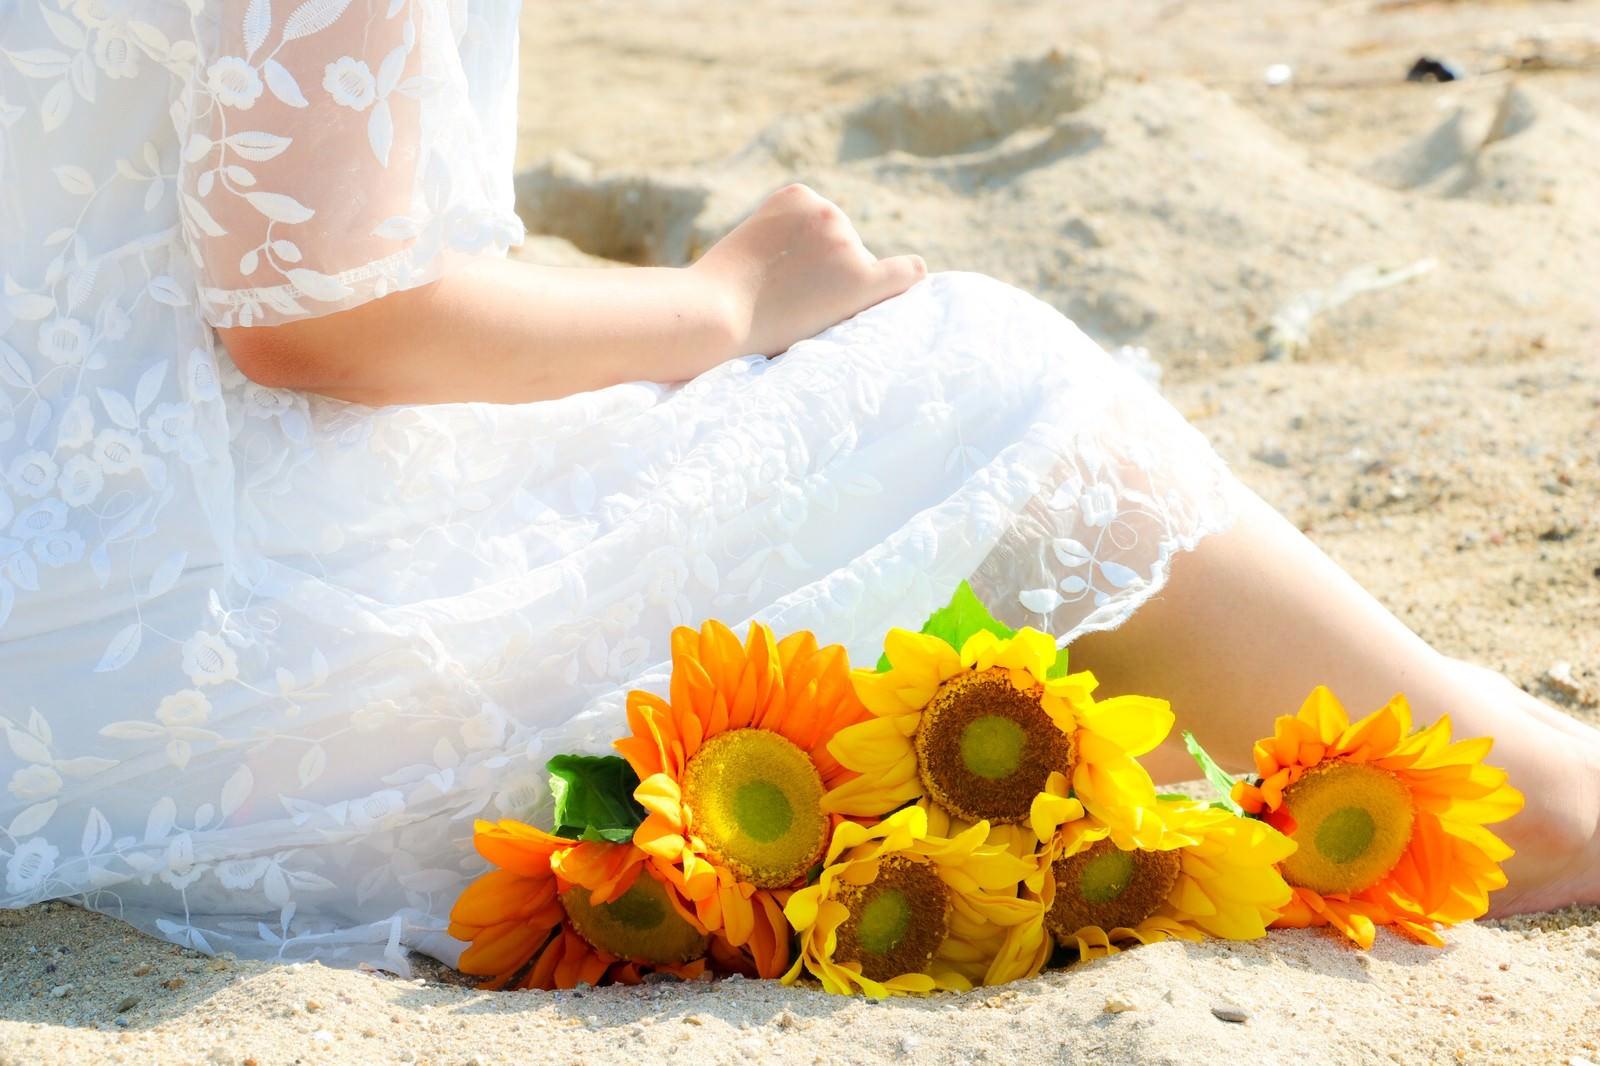 「砂浜で想い出に浸る女性」の写真